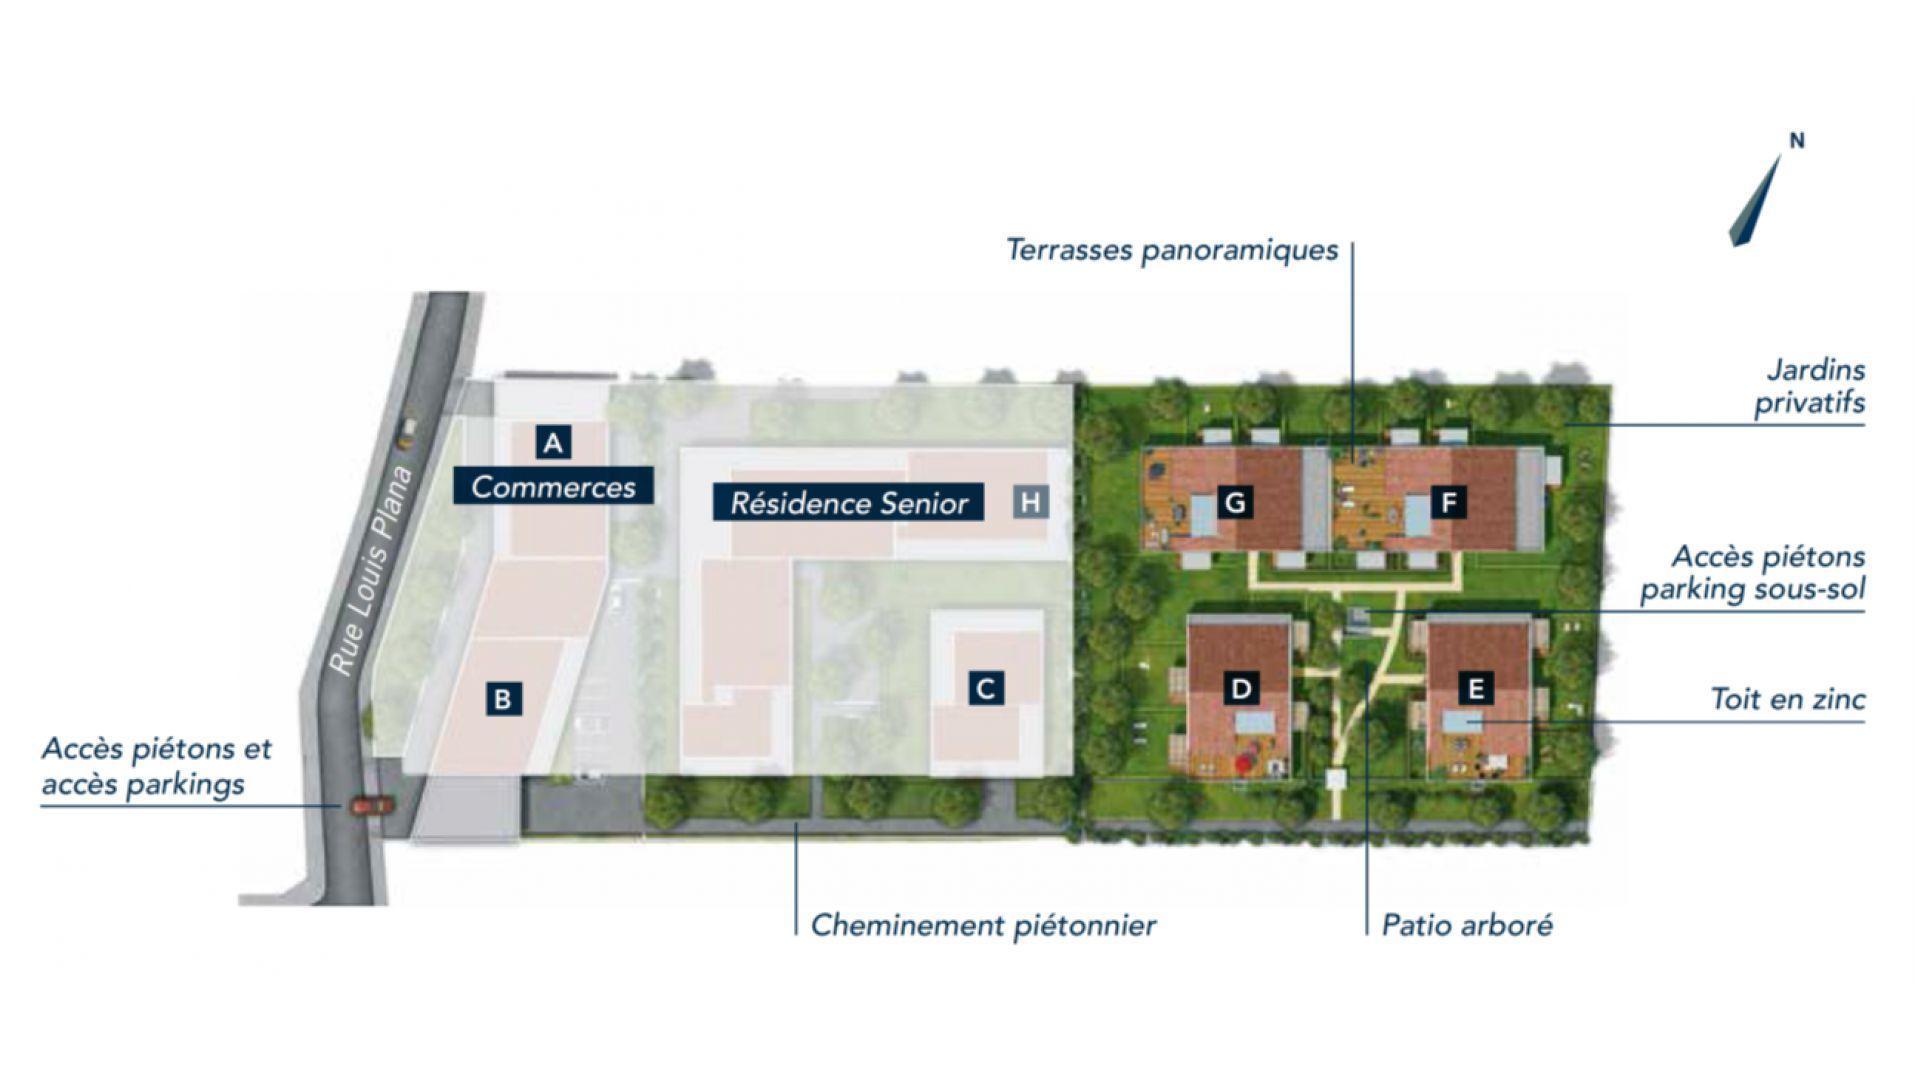 GreenCity immobilier - 31500 Toulouse Roseraie - Parc Romane - rue Louis Plana - appartements neufs du T1 au T4 - plan de masse